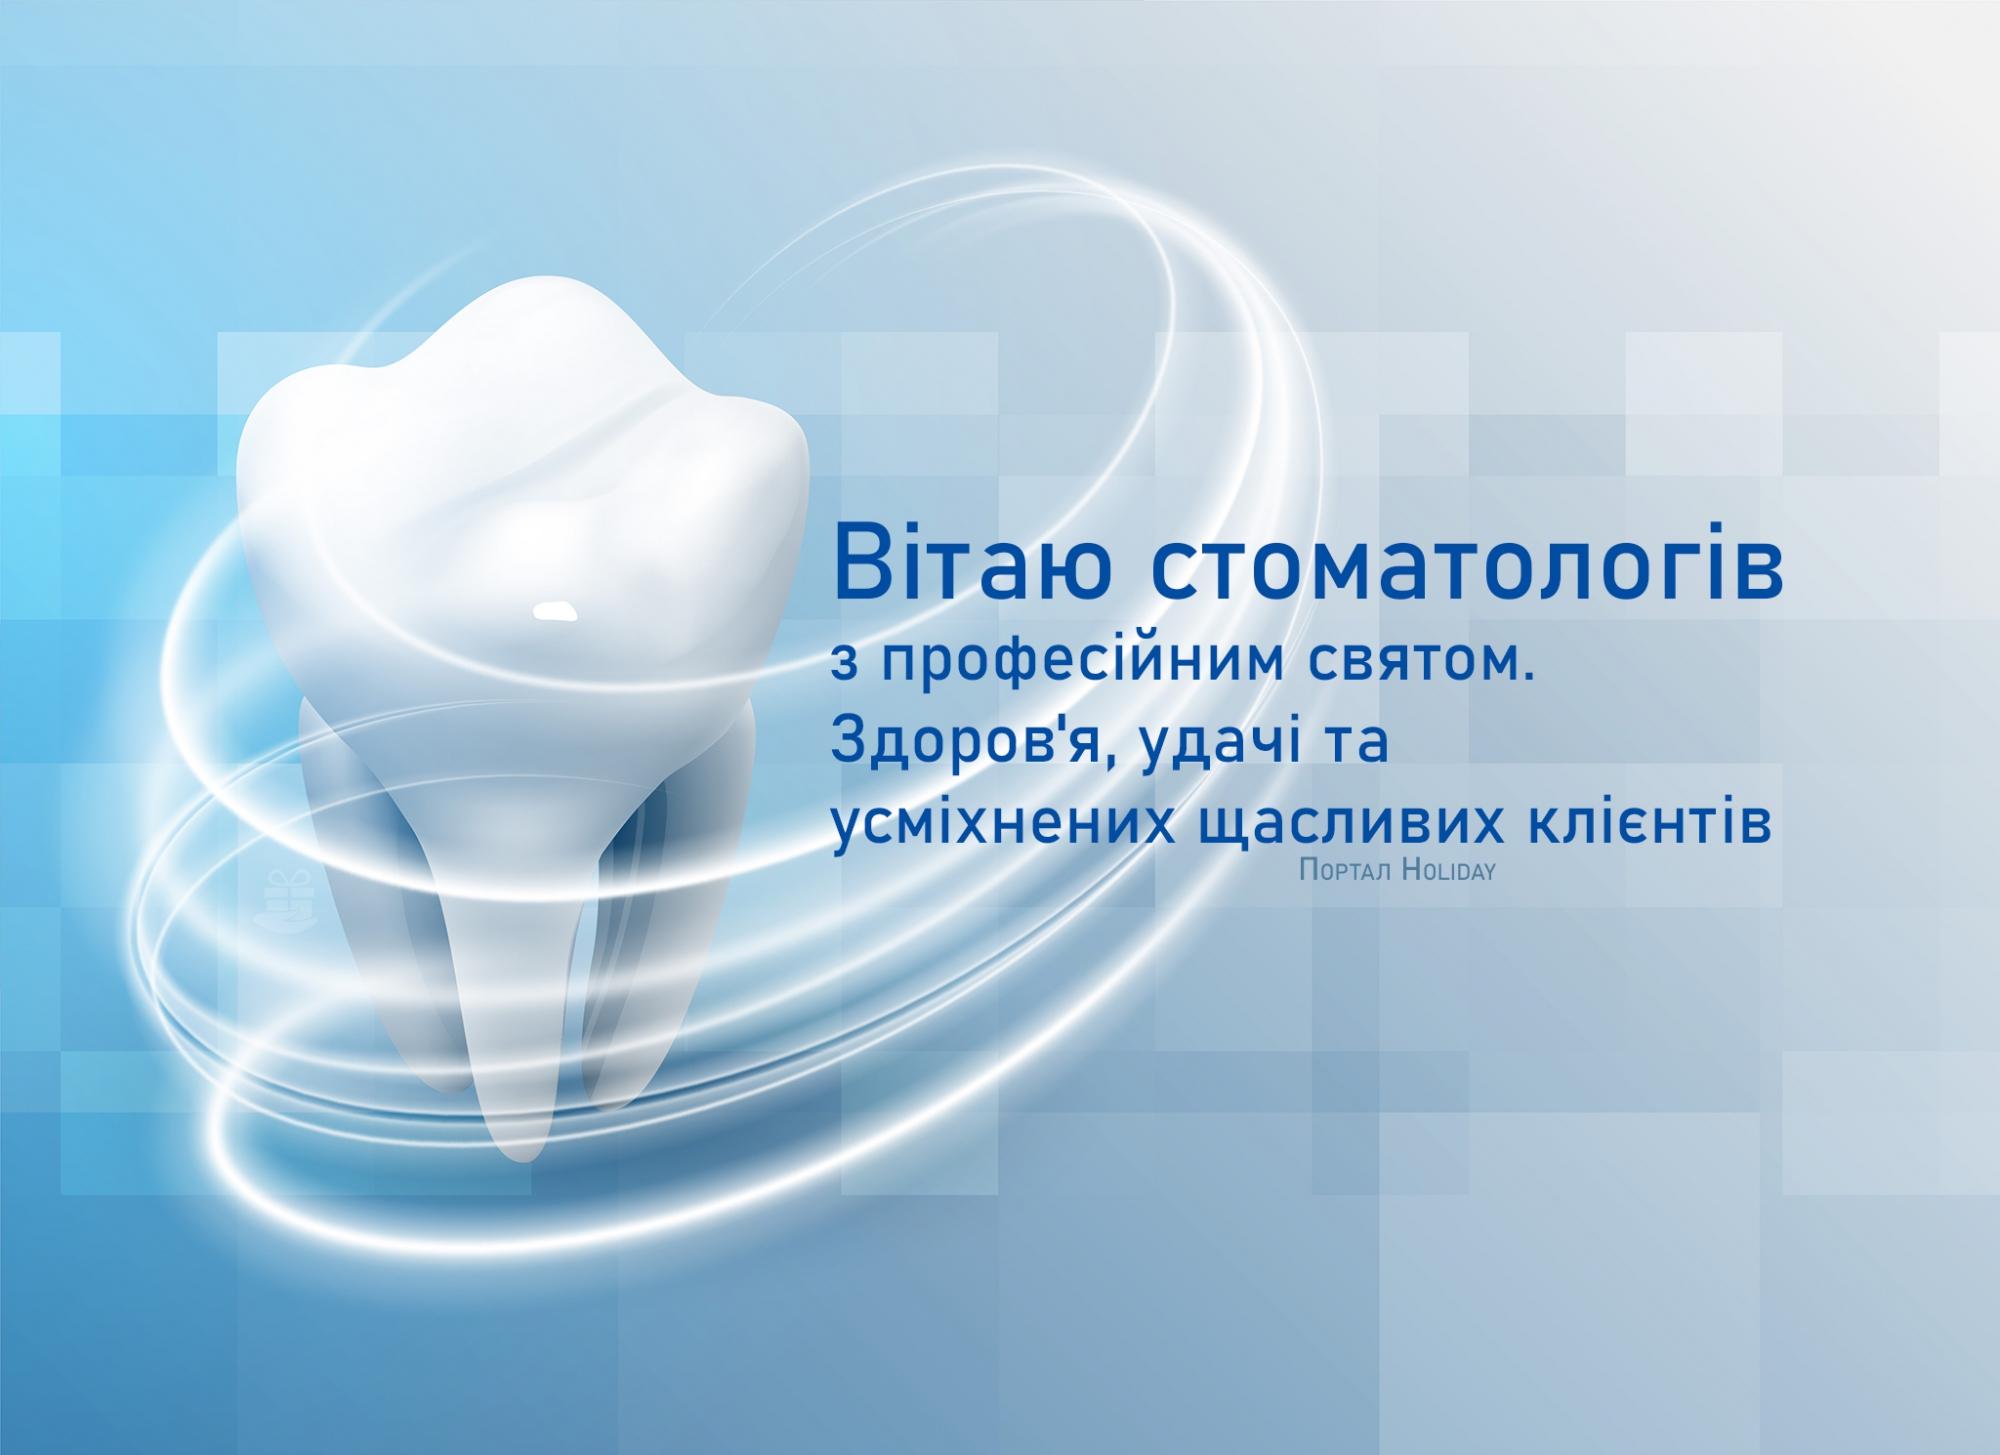 Привітання з днем стоматолога листівка